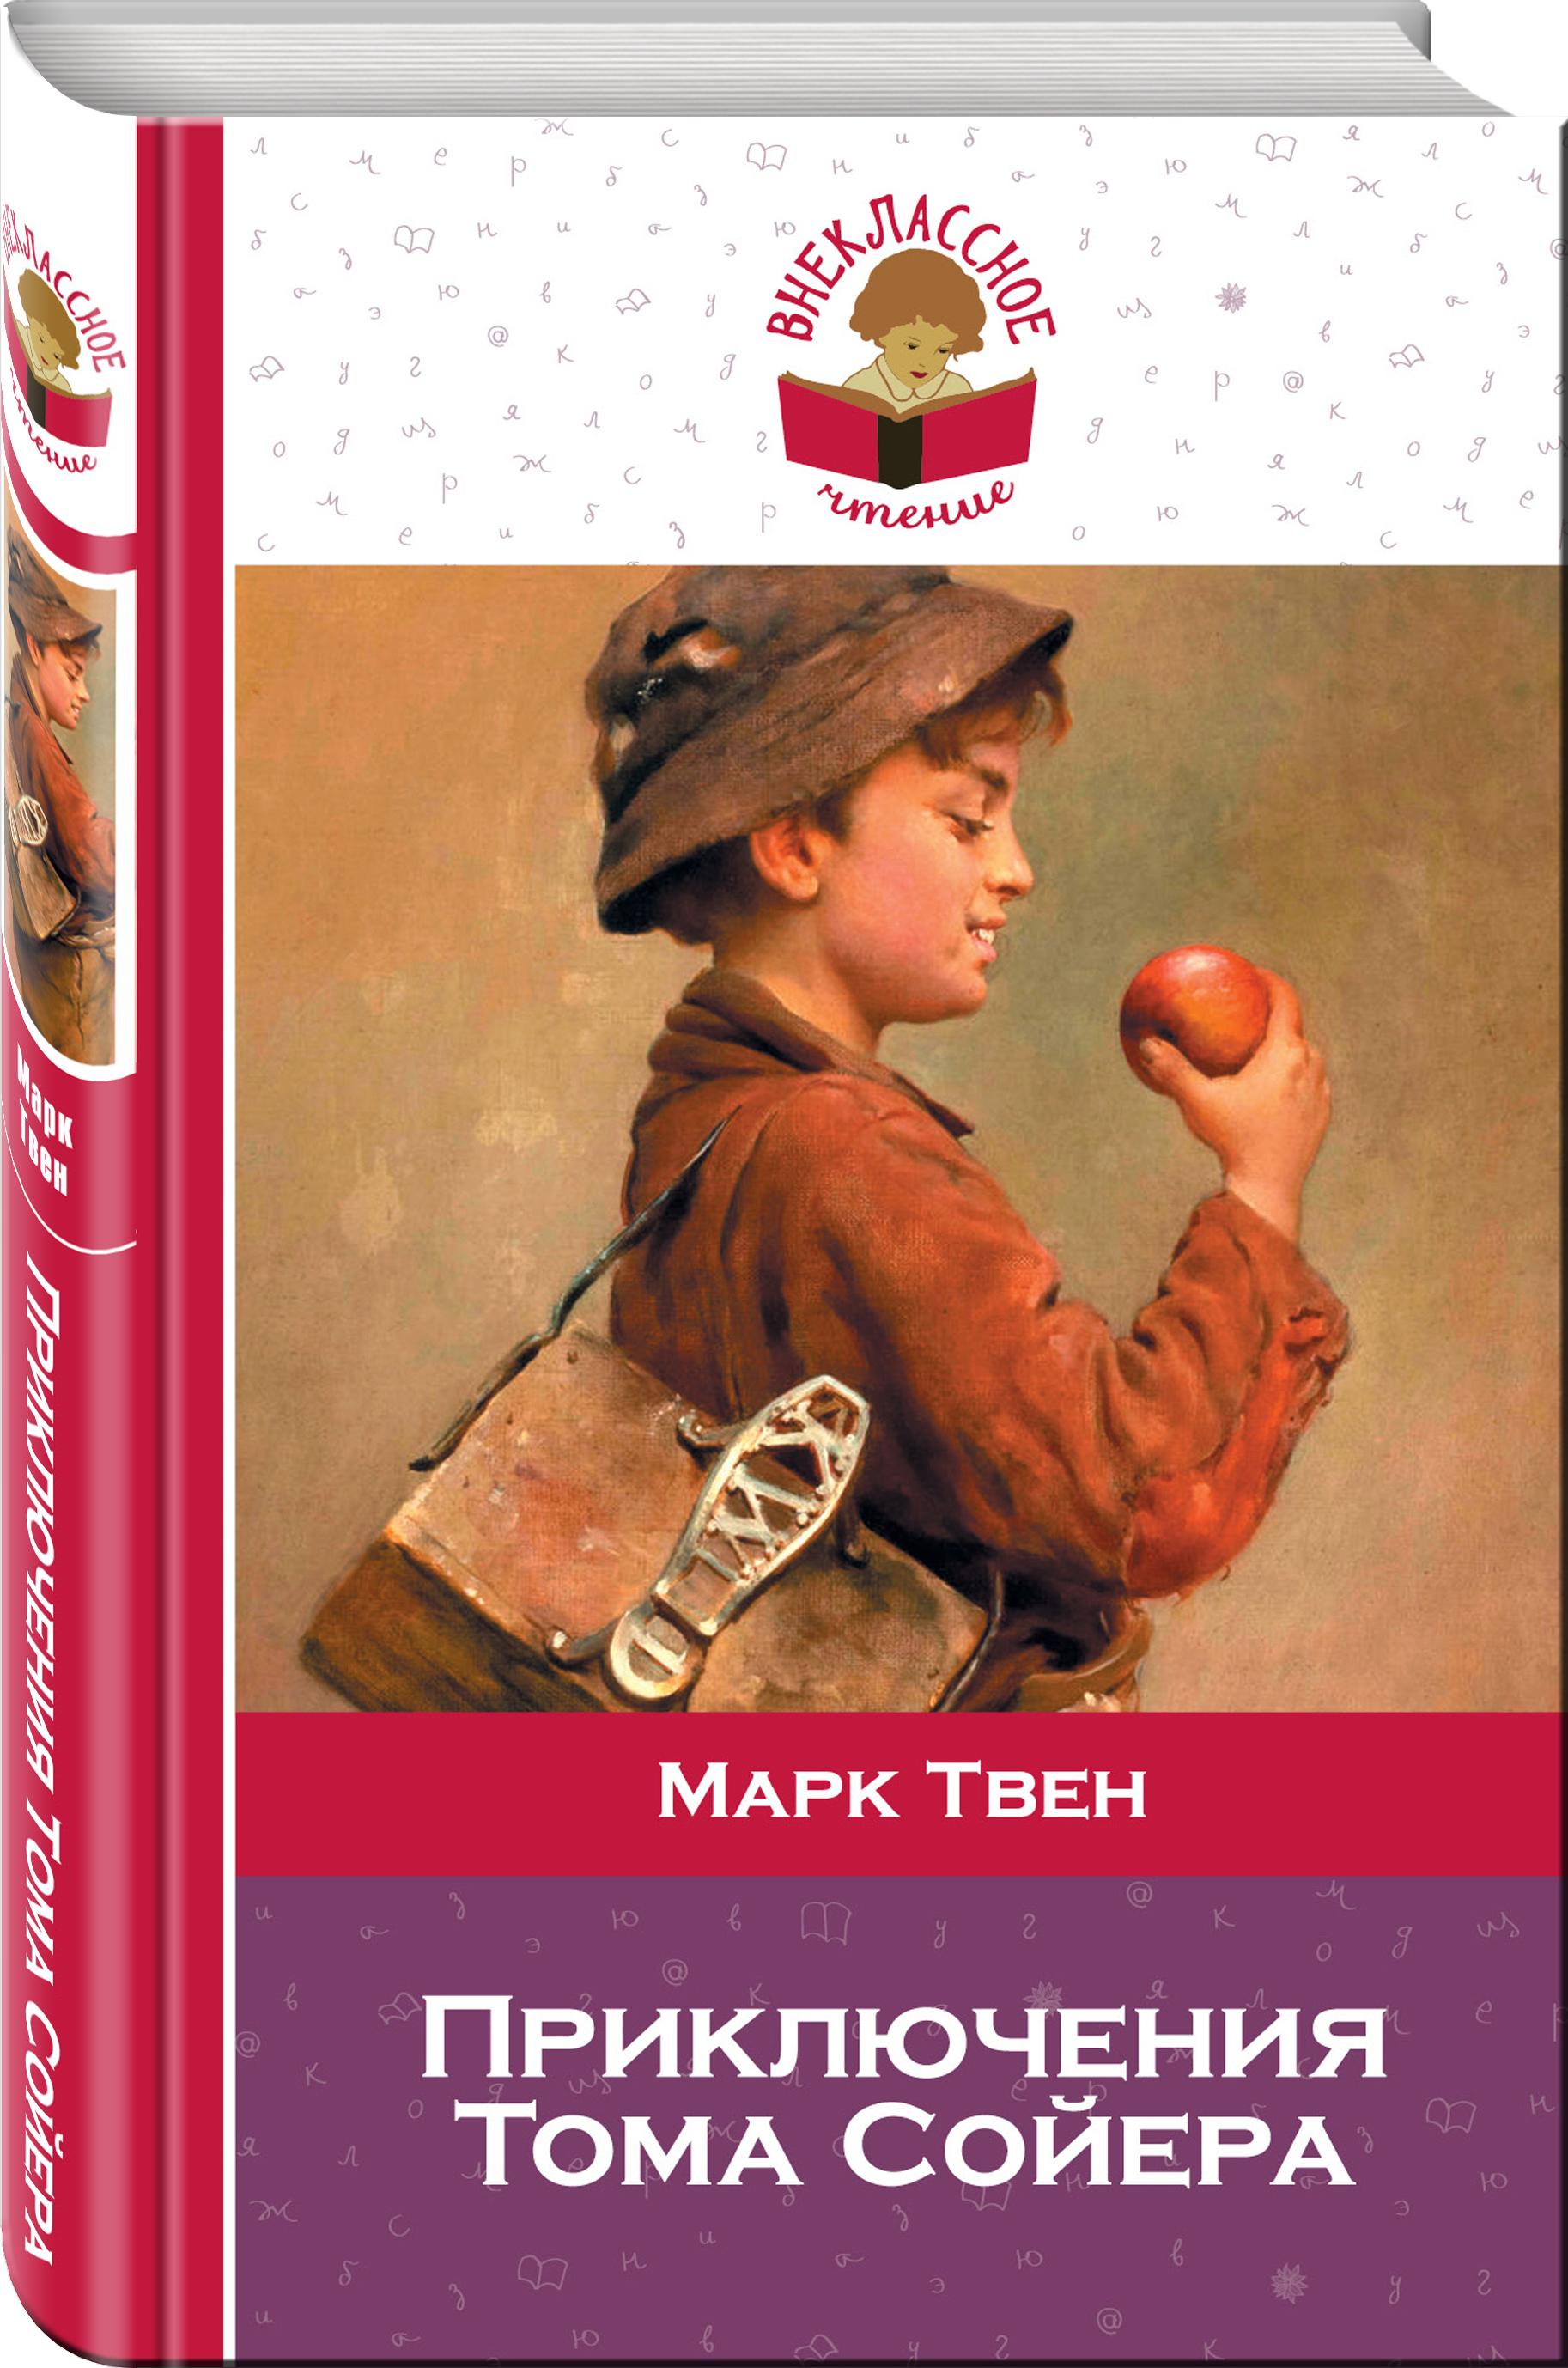 Марк Твен Приключения Тома Сойера аудиокниги 1с паблишинг аудиокнига марк твен сыскные приключения тома сойера